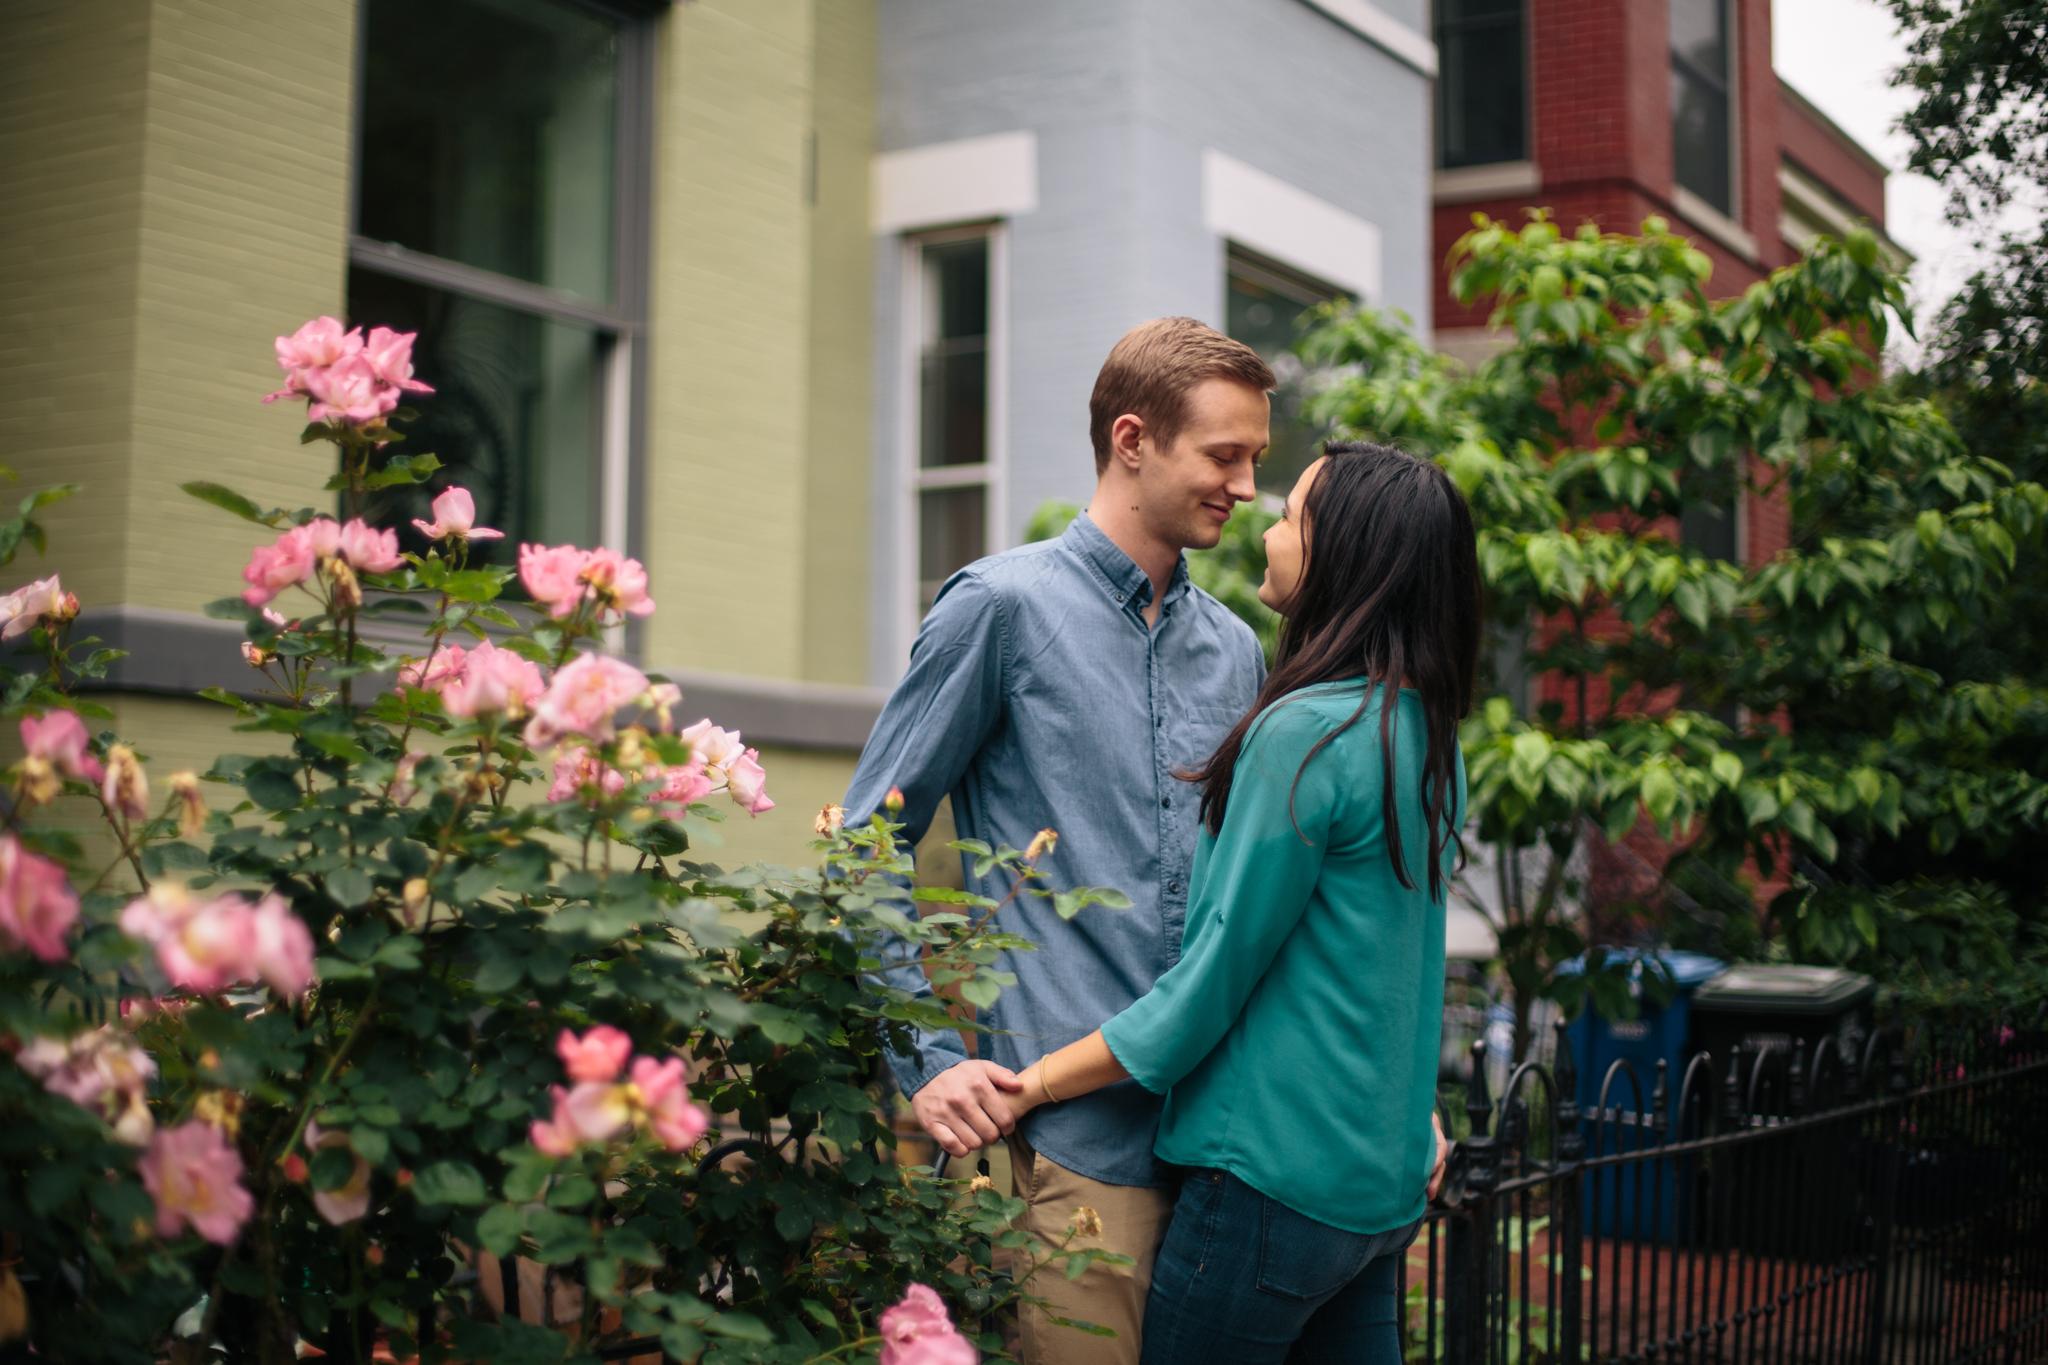 170524_0406_Gaby-Chris-Engagement_071.jpg